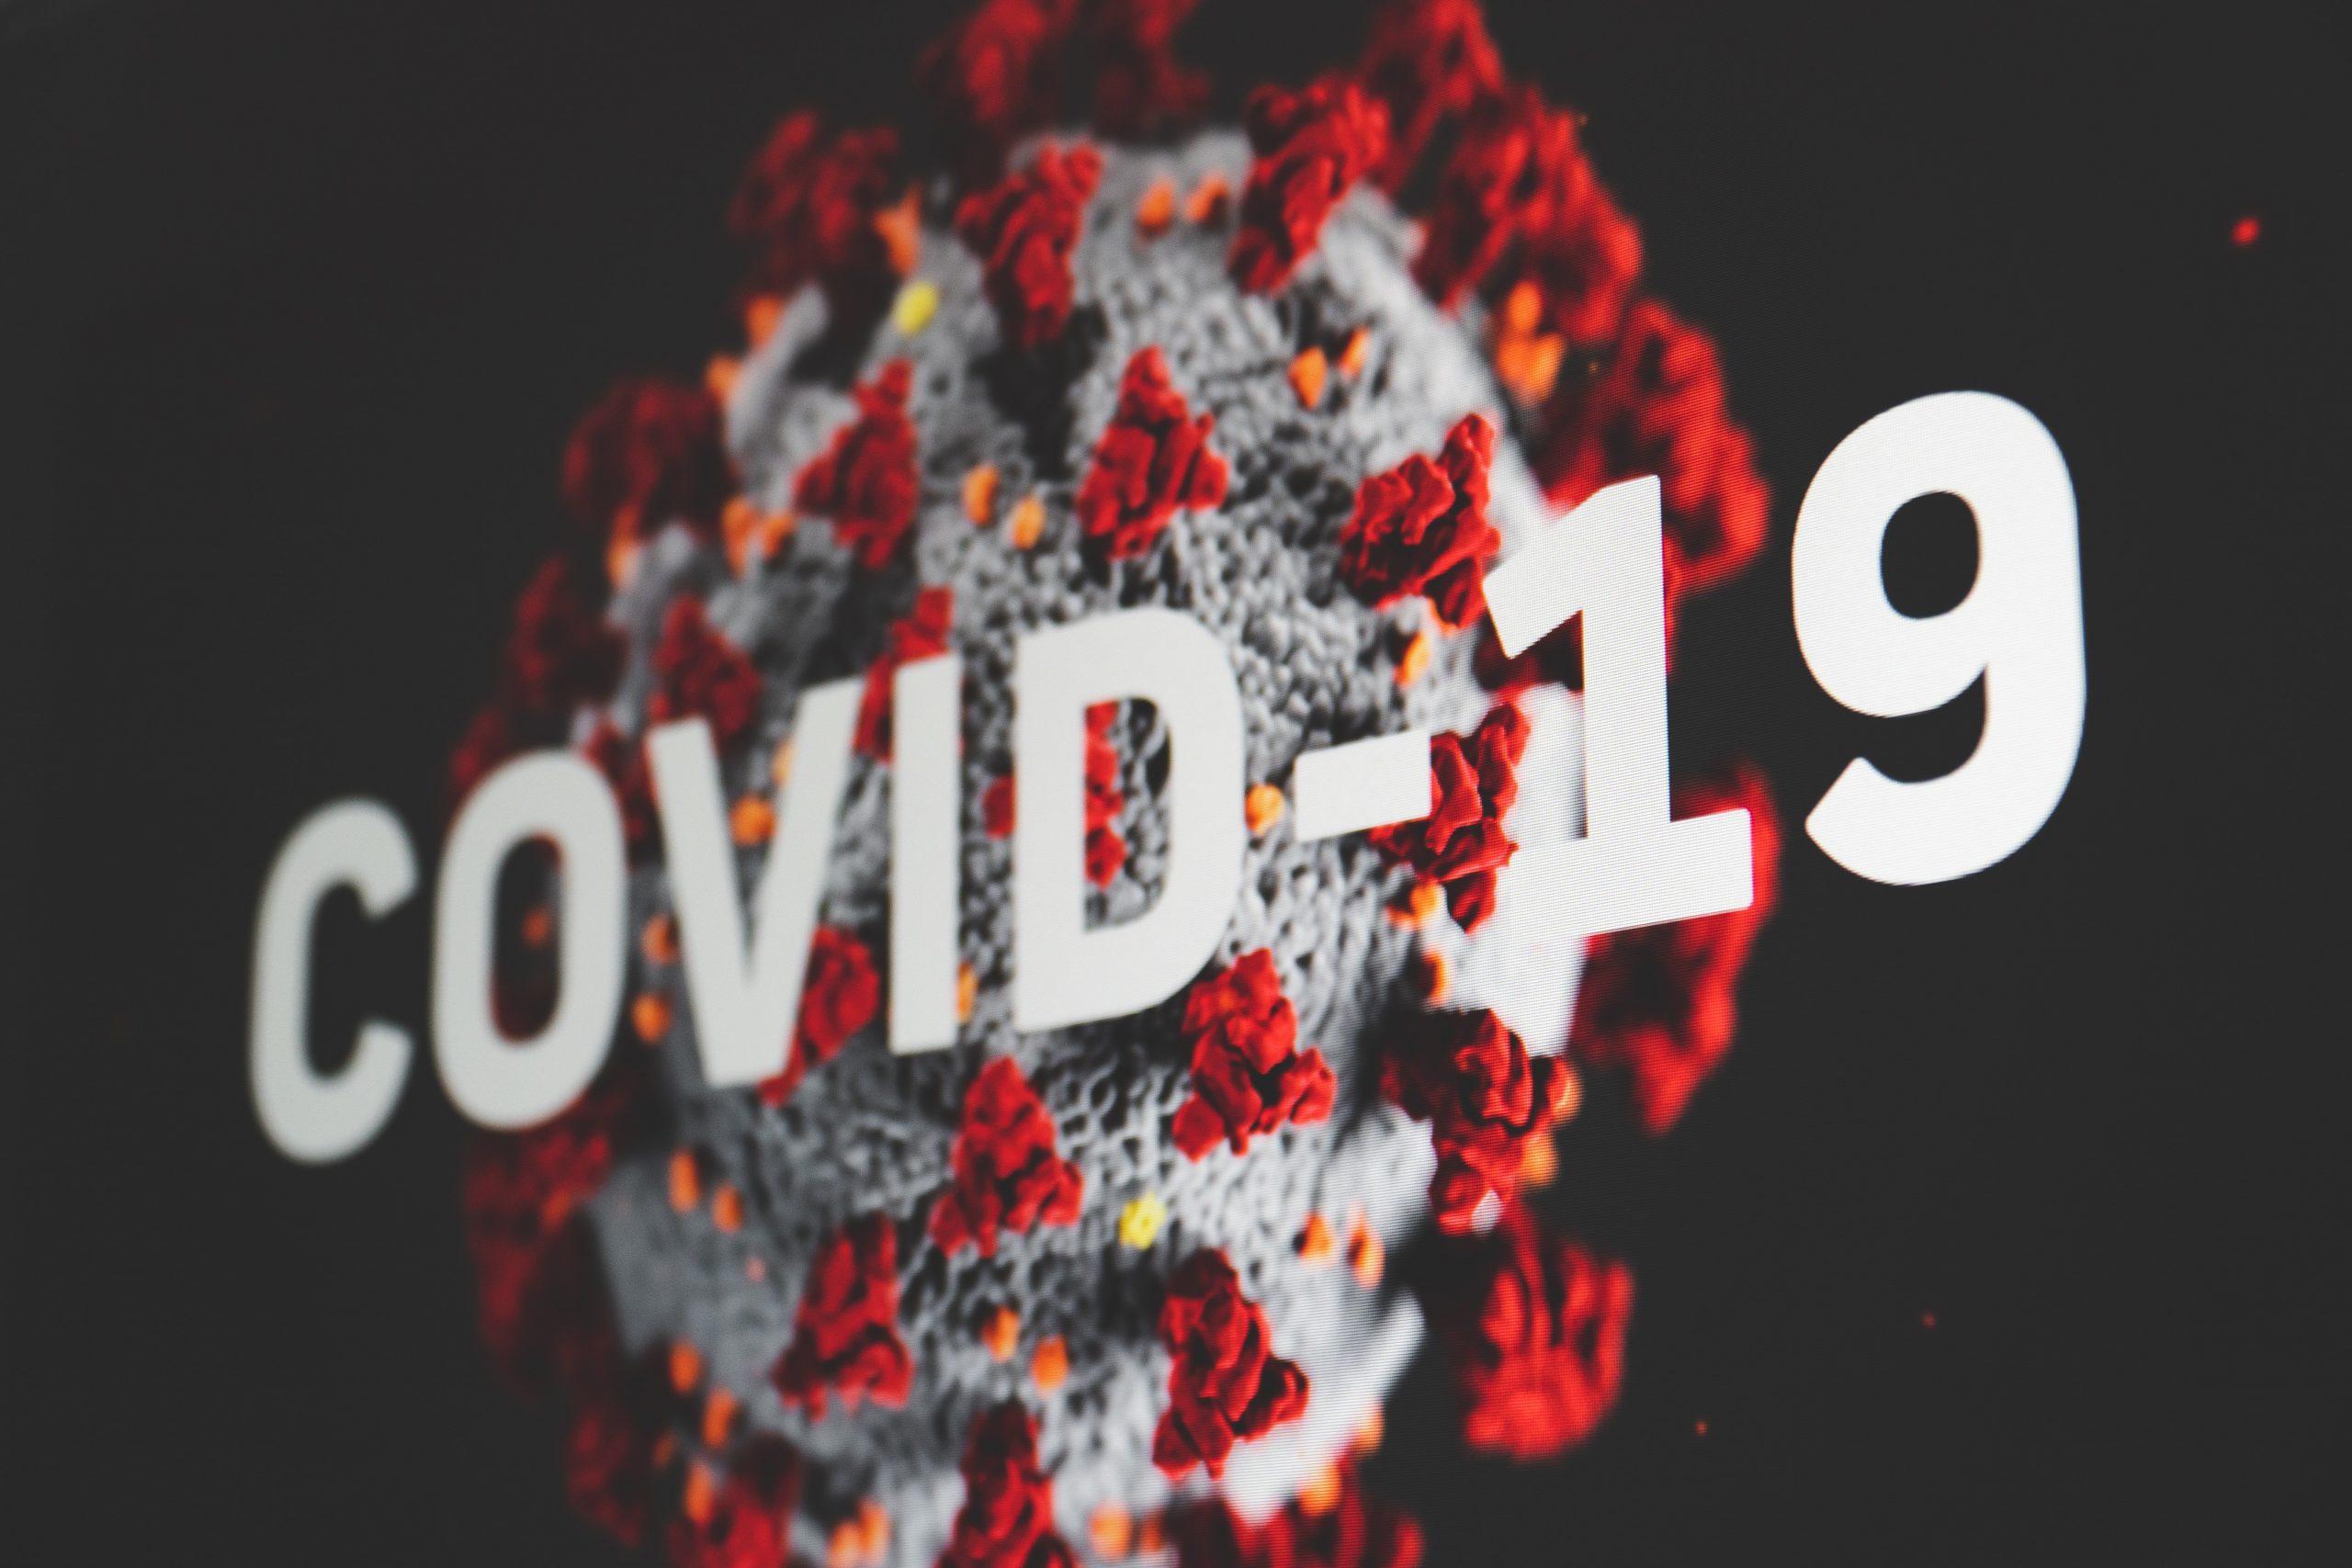 Bilanțul COVID ajunge duminică, 26 septembrie, la 6.333 de cazuri, după patru zile de creștere la peste 7.000 de infectări/zi